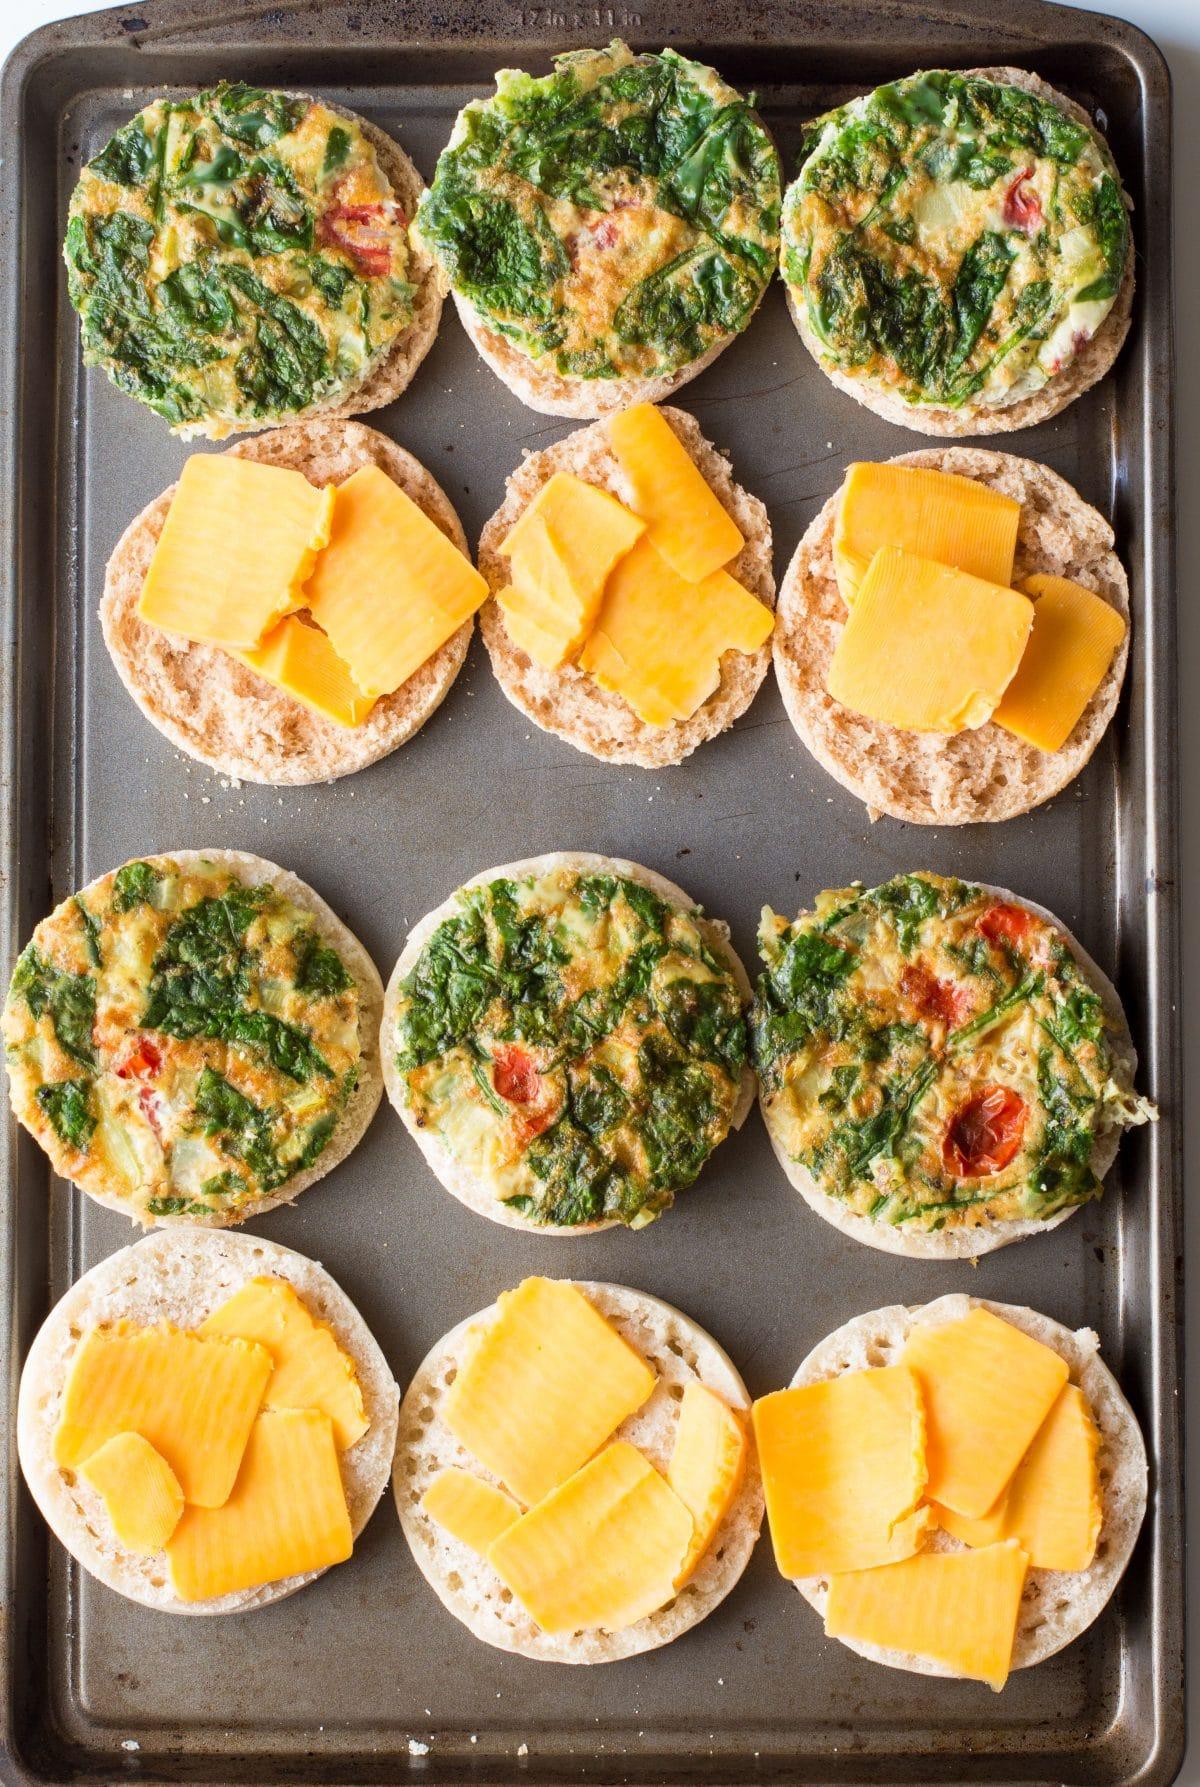 make-ahead-breakfast-sandwich- prep-image